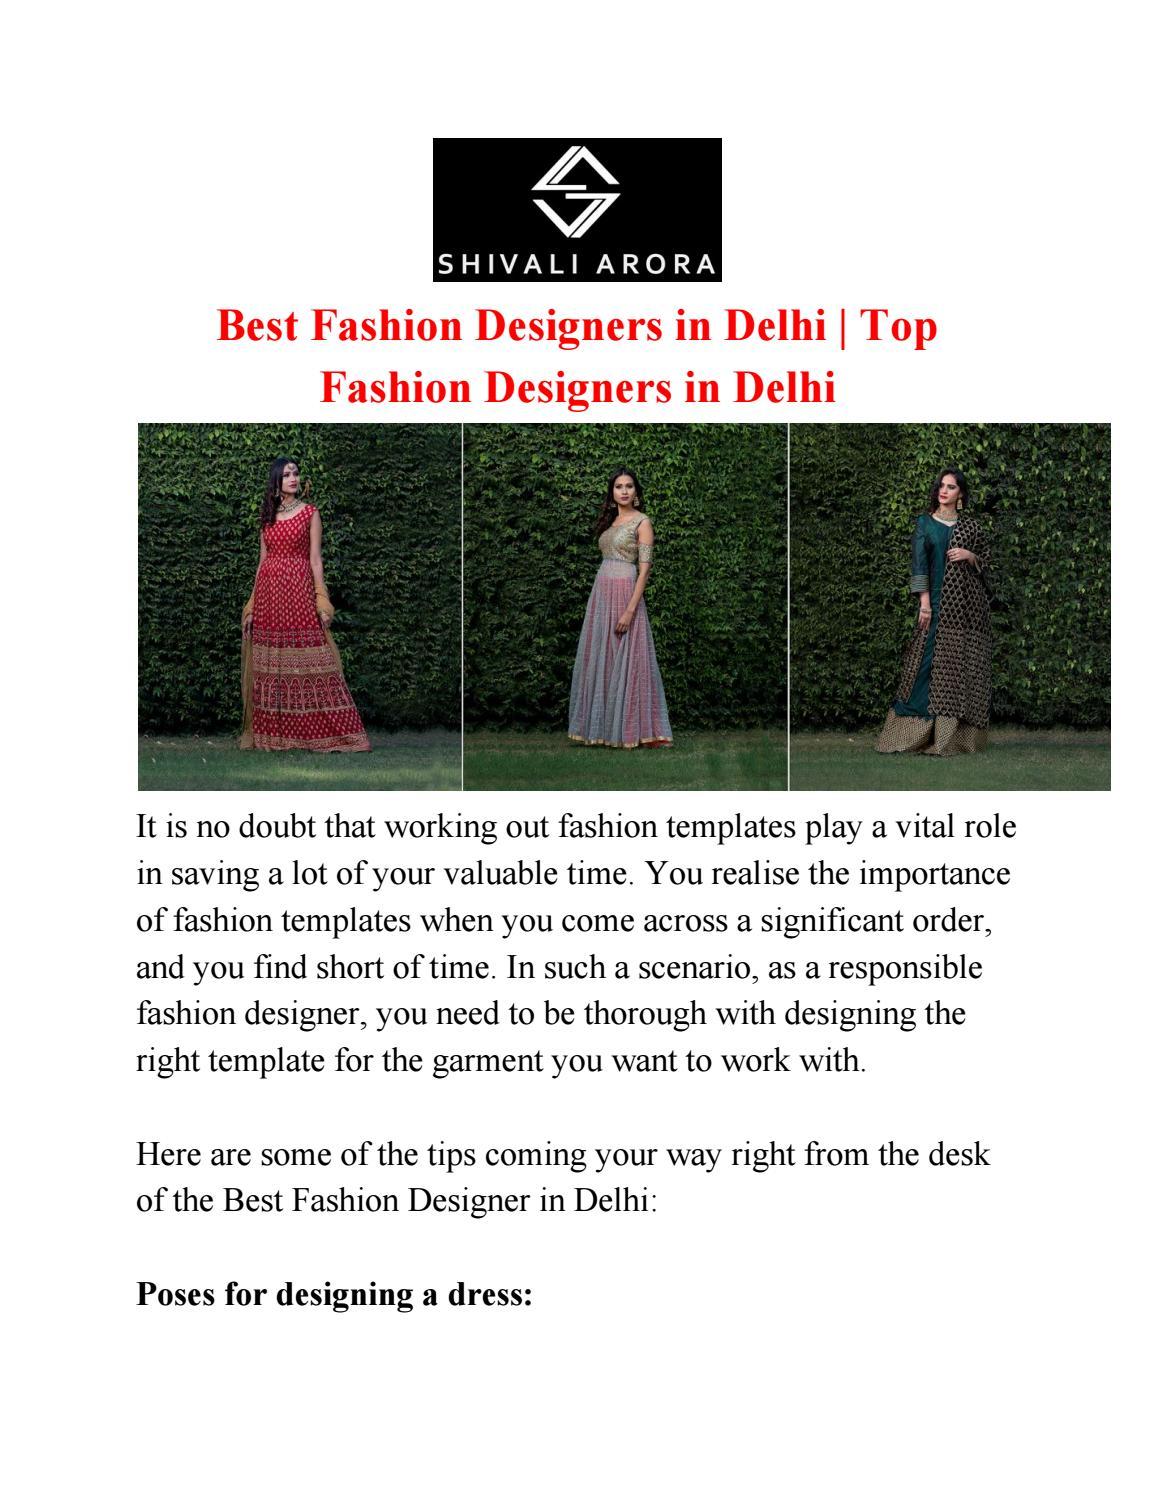 Best Fashion Designers In Delhi Top Fashion Designers In Delhi By Shivali Arora Issuu